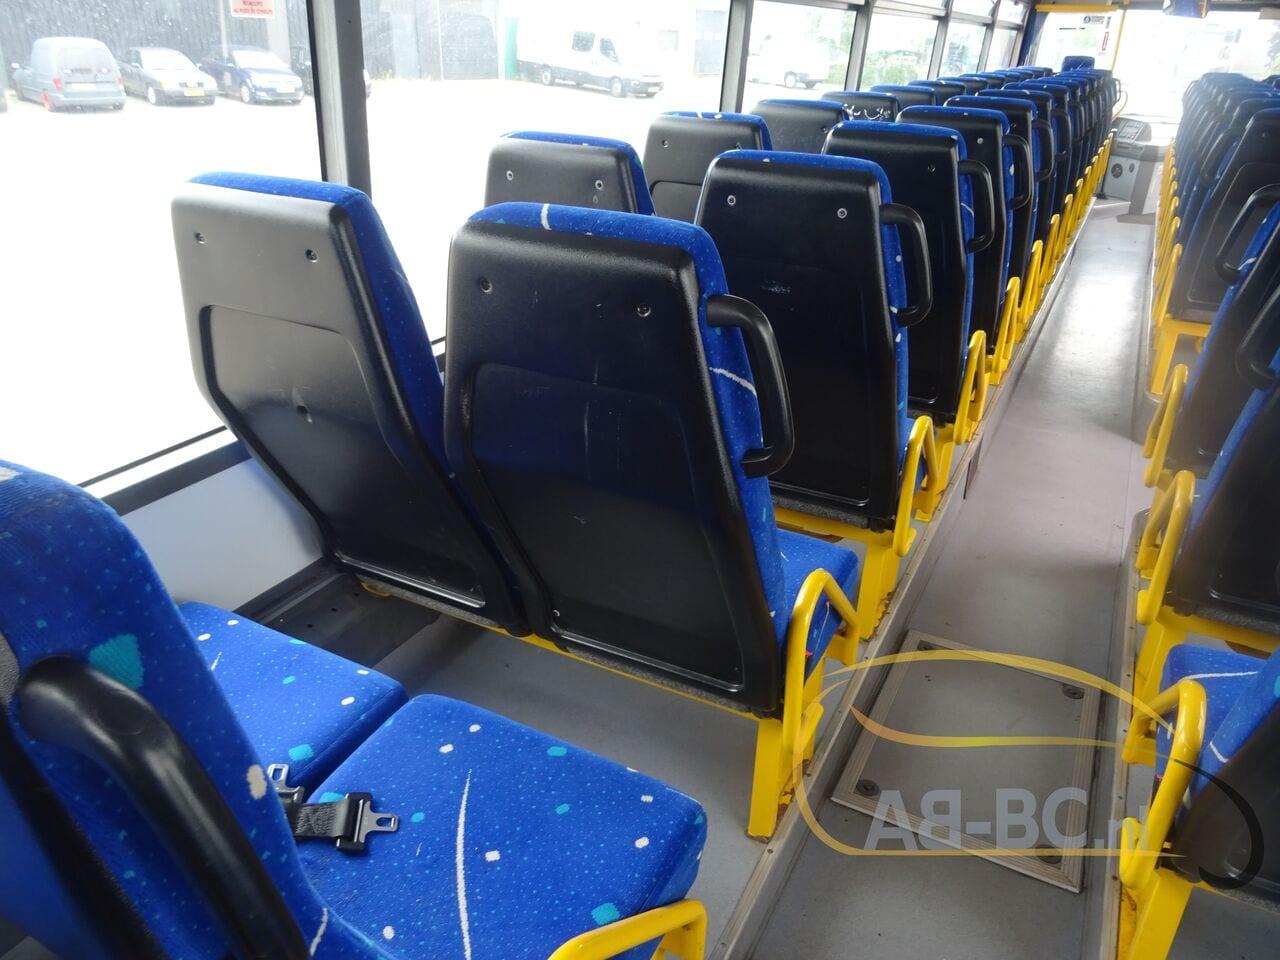 interurban-busIVECO-Irisbus-Recreo-64-Seats---1626160187785291250_big_cb9d2f3dd1186499833869c4bf3654c7--21071309575983154500